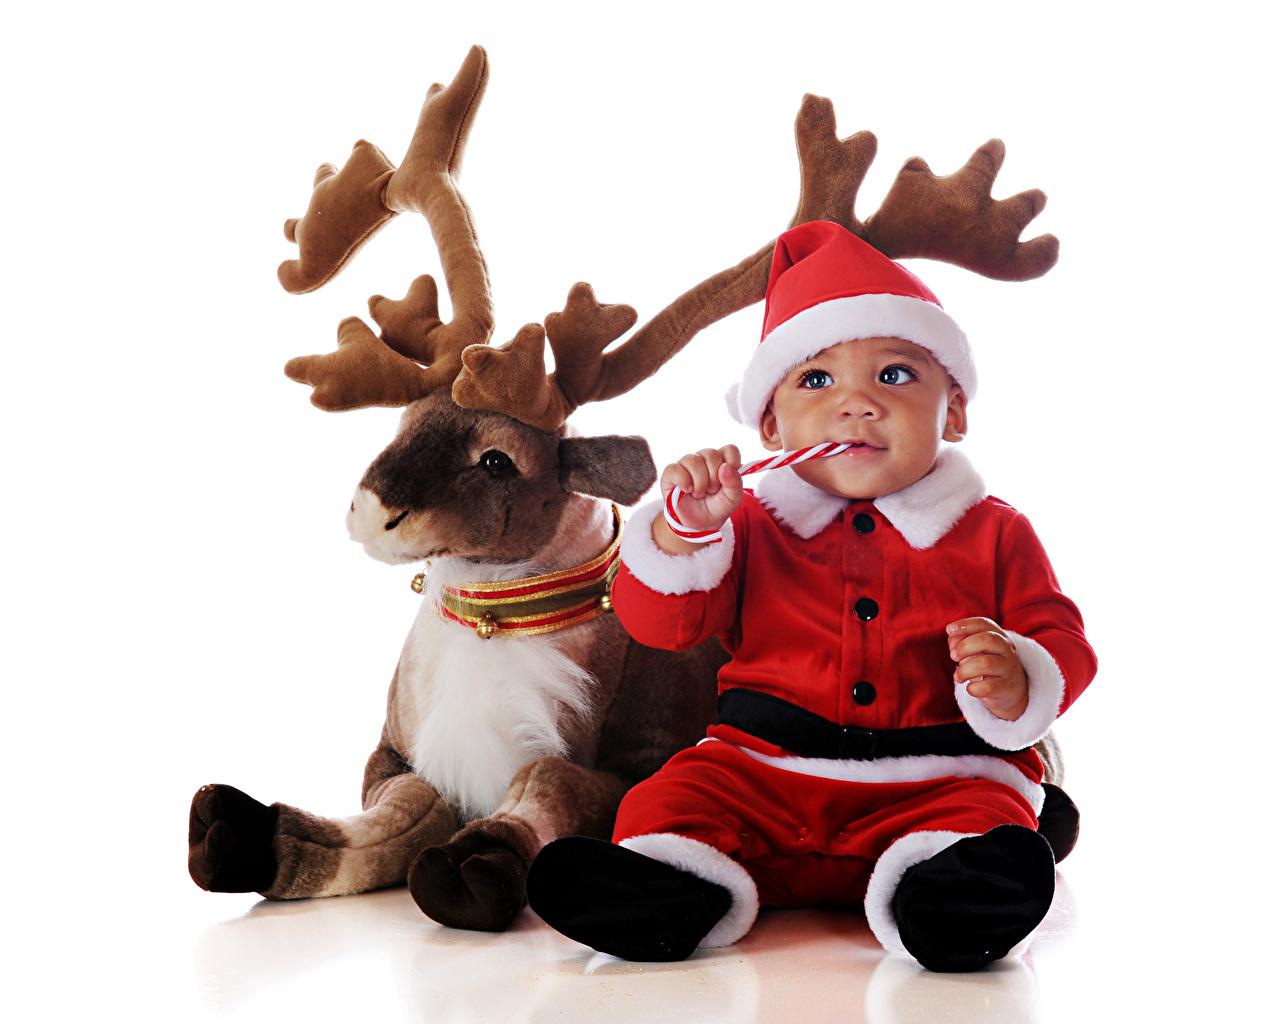 Картинка Олени младенца мальчишка Новый год Рога Дети Униформа смотрят Белый фон мальчик Мальчики Младенцы младенец мальчишки грудной ребёнок Рождество с рогами ребёнок униформе Взгляд смотрит белом фоне белым фоном